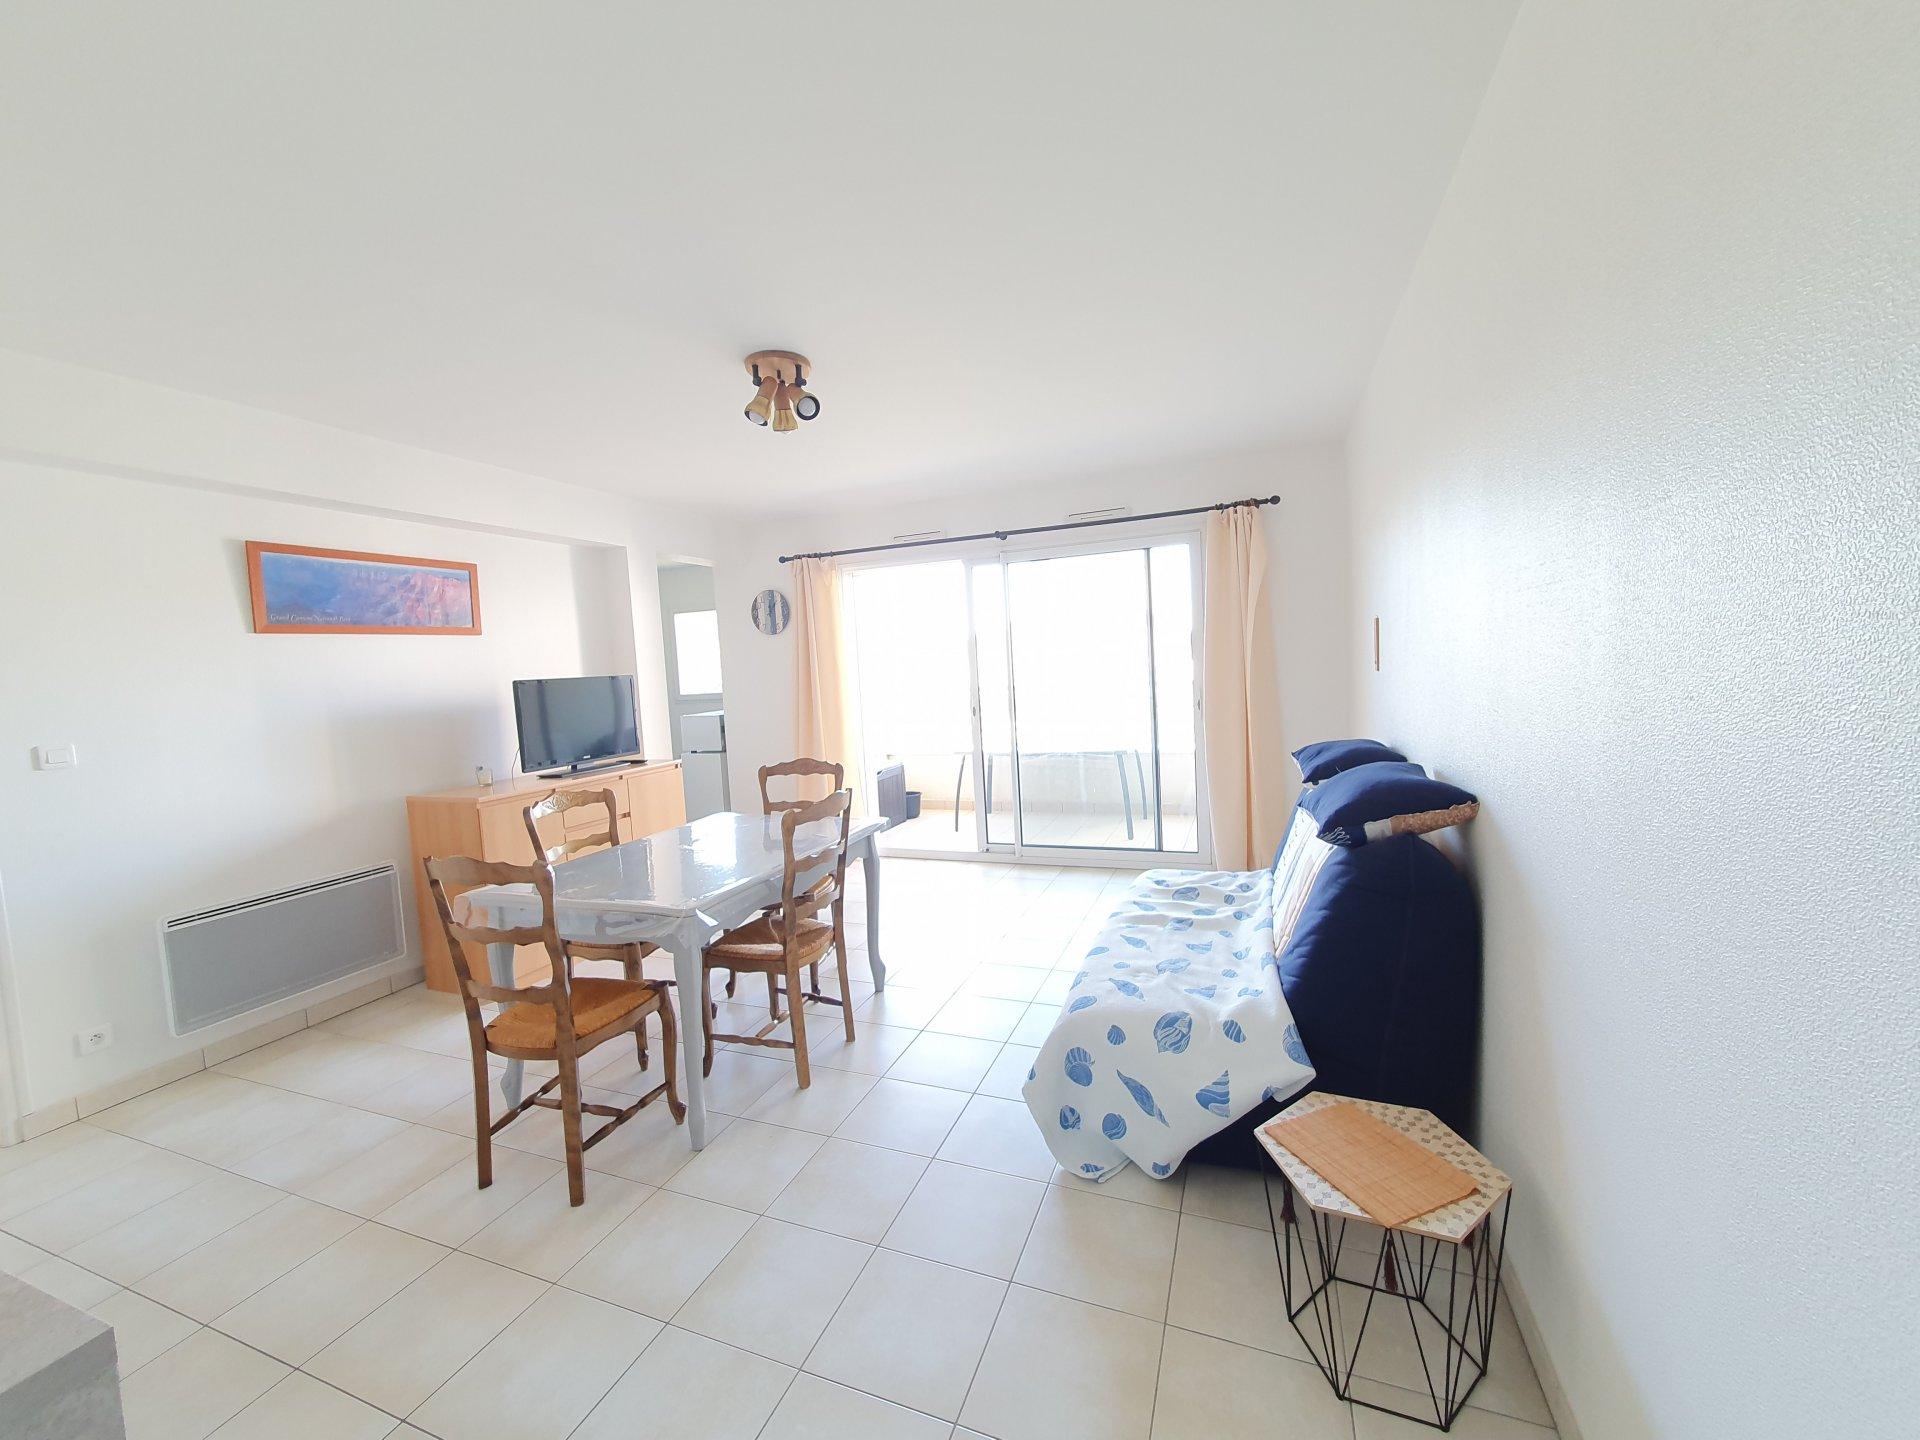 Appartement à louer à Damgan Appartement T3 situé au 1er étage